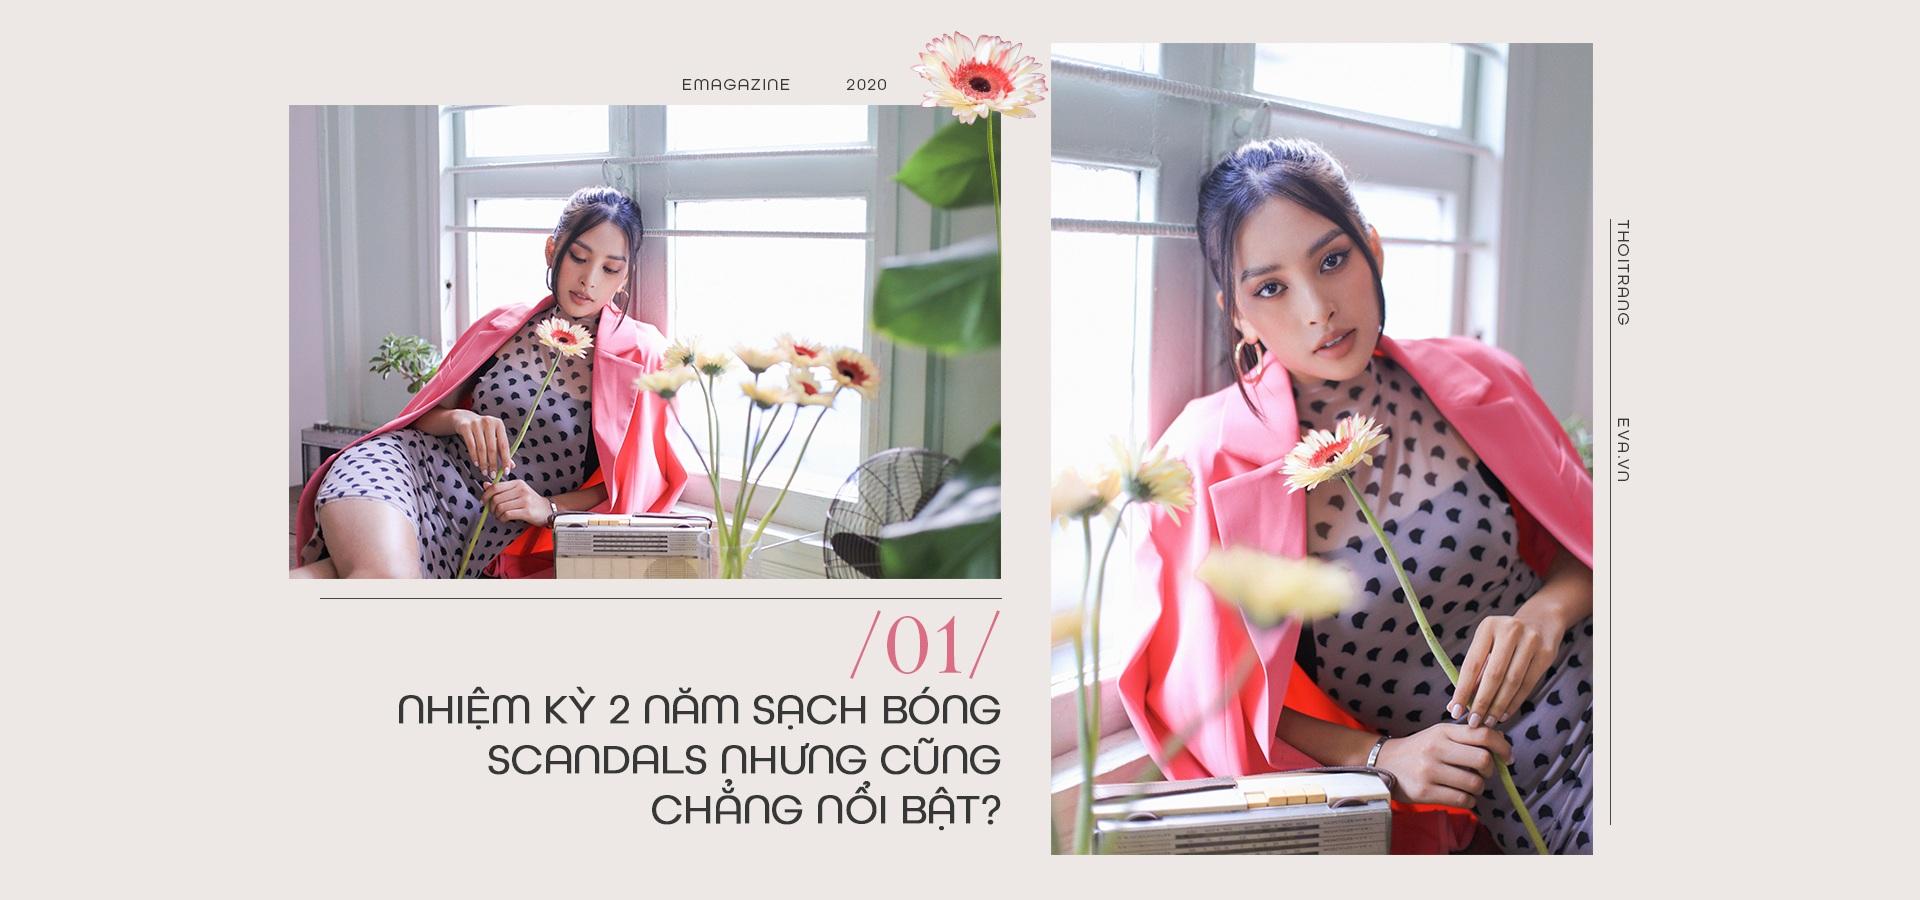 TIỂU VY: Tôi mơ hồ với danh xưng Hoa hậu đẹp nhất lịch sử Việt - 2